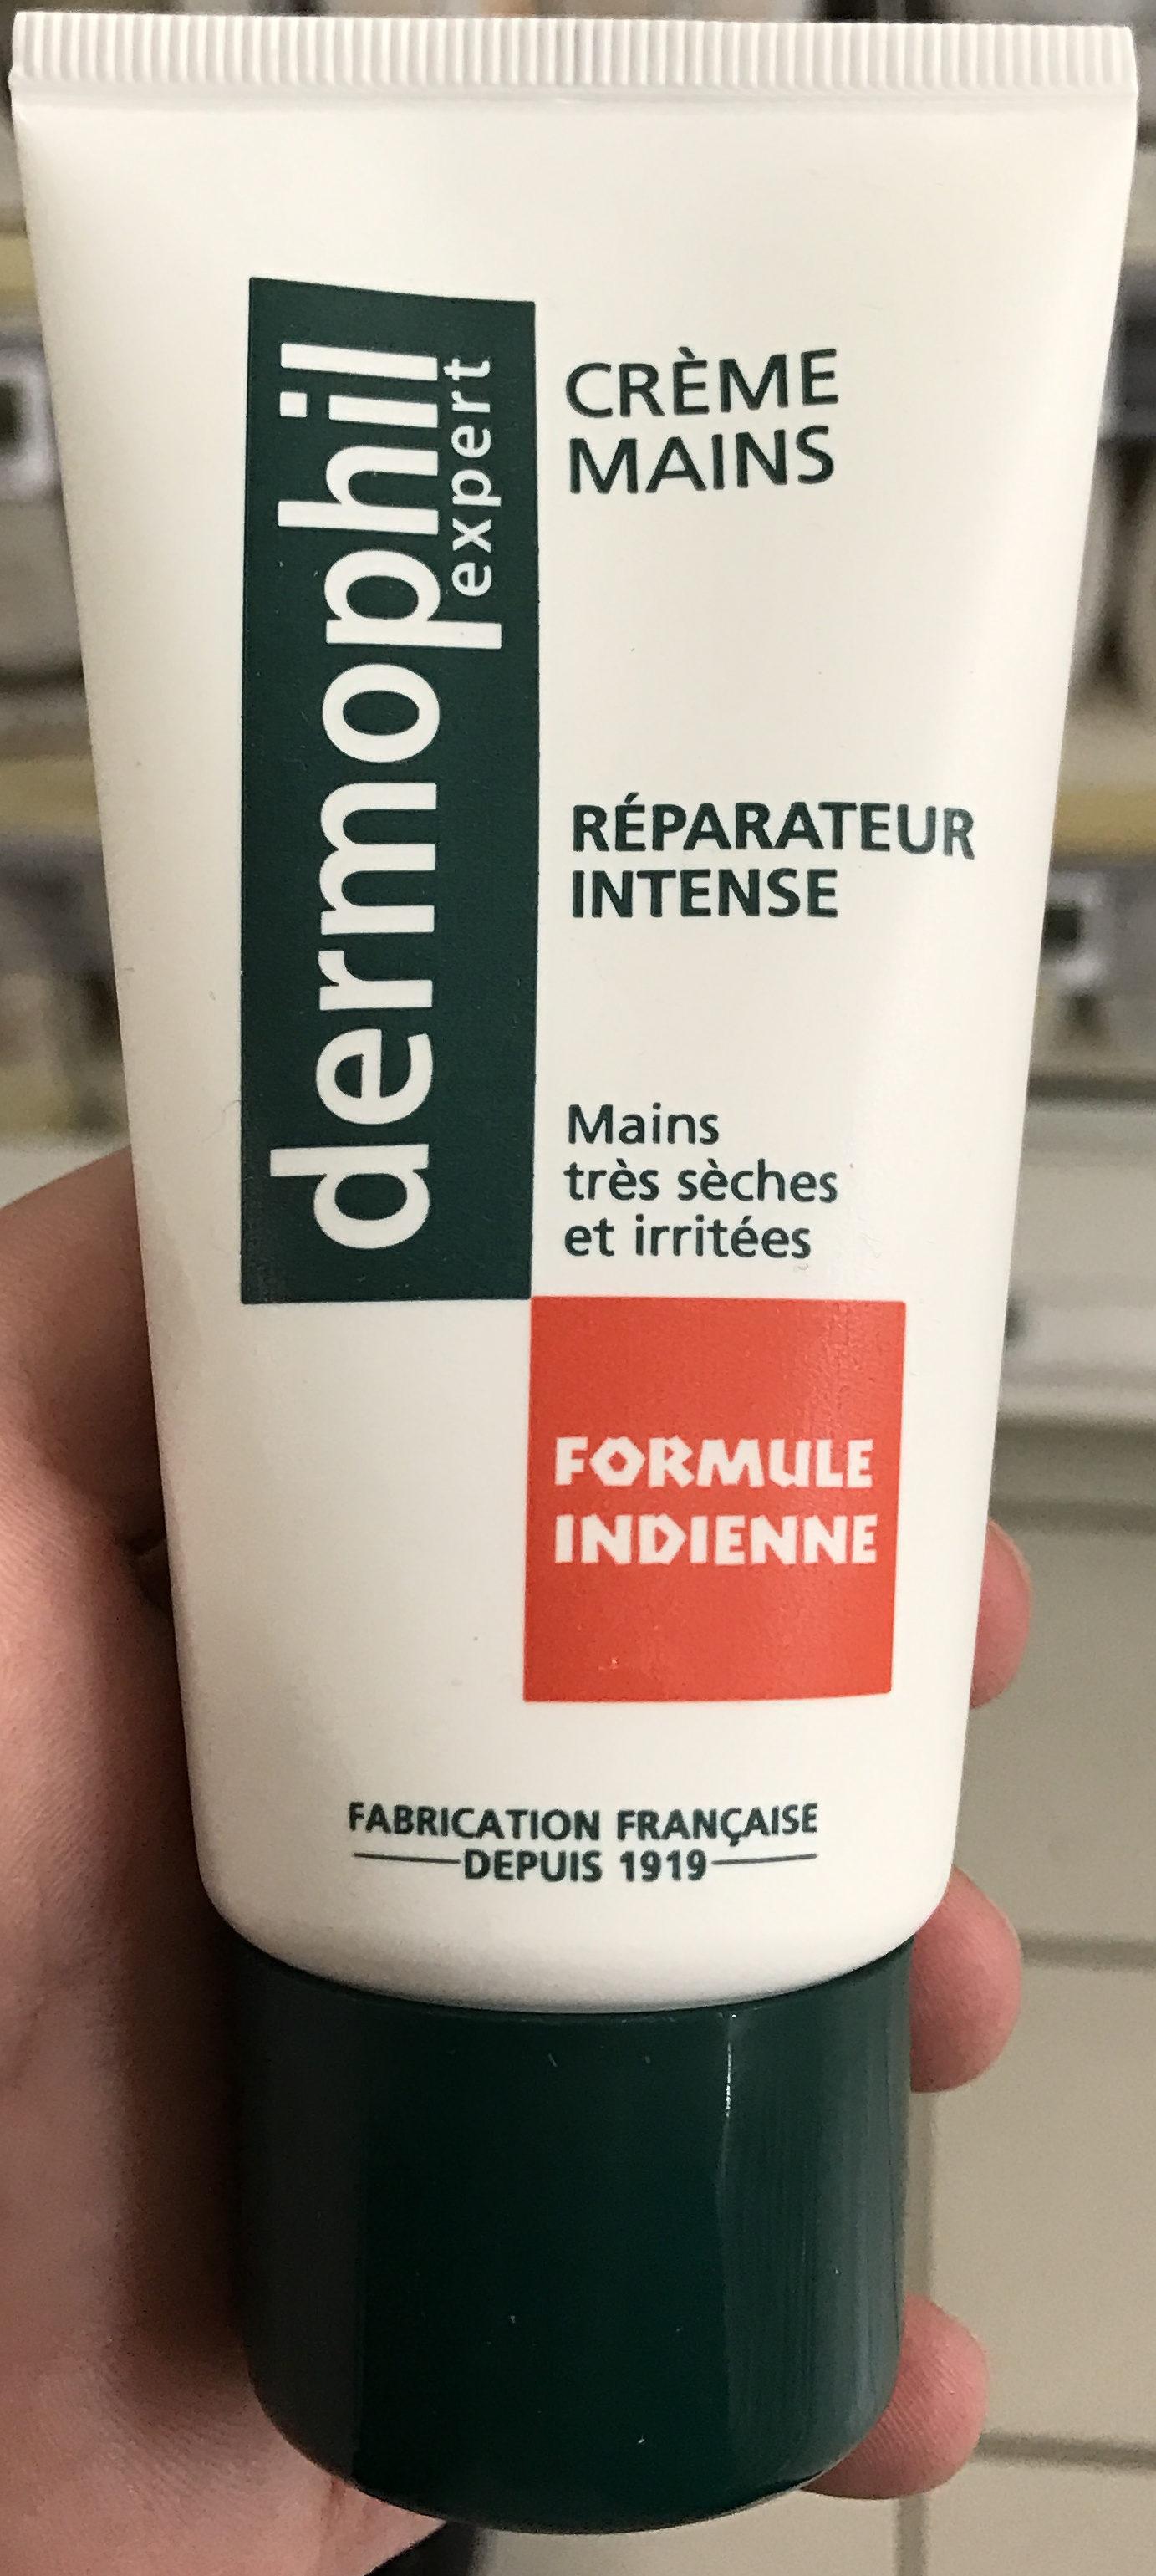 Crème mains réparateur intense formule indienne - Product